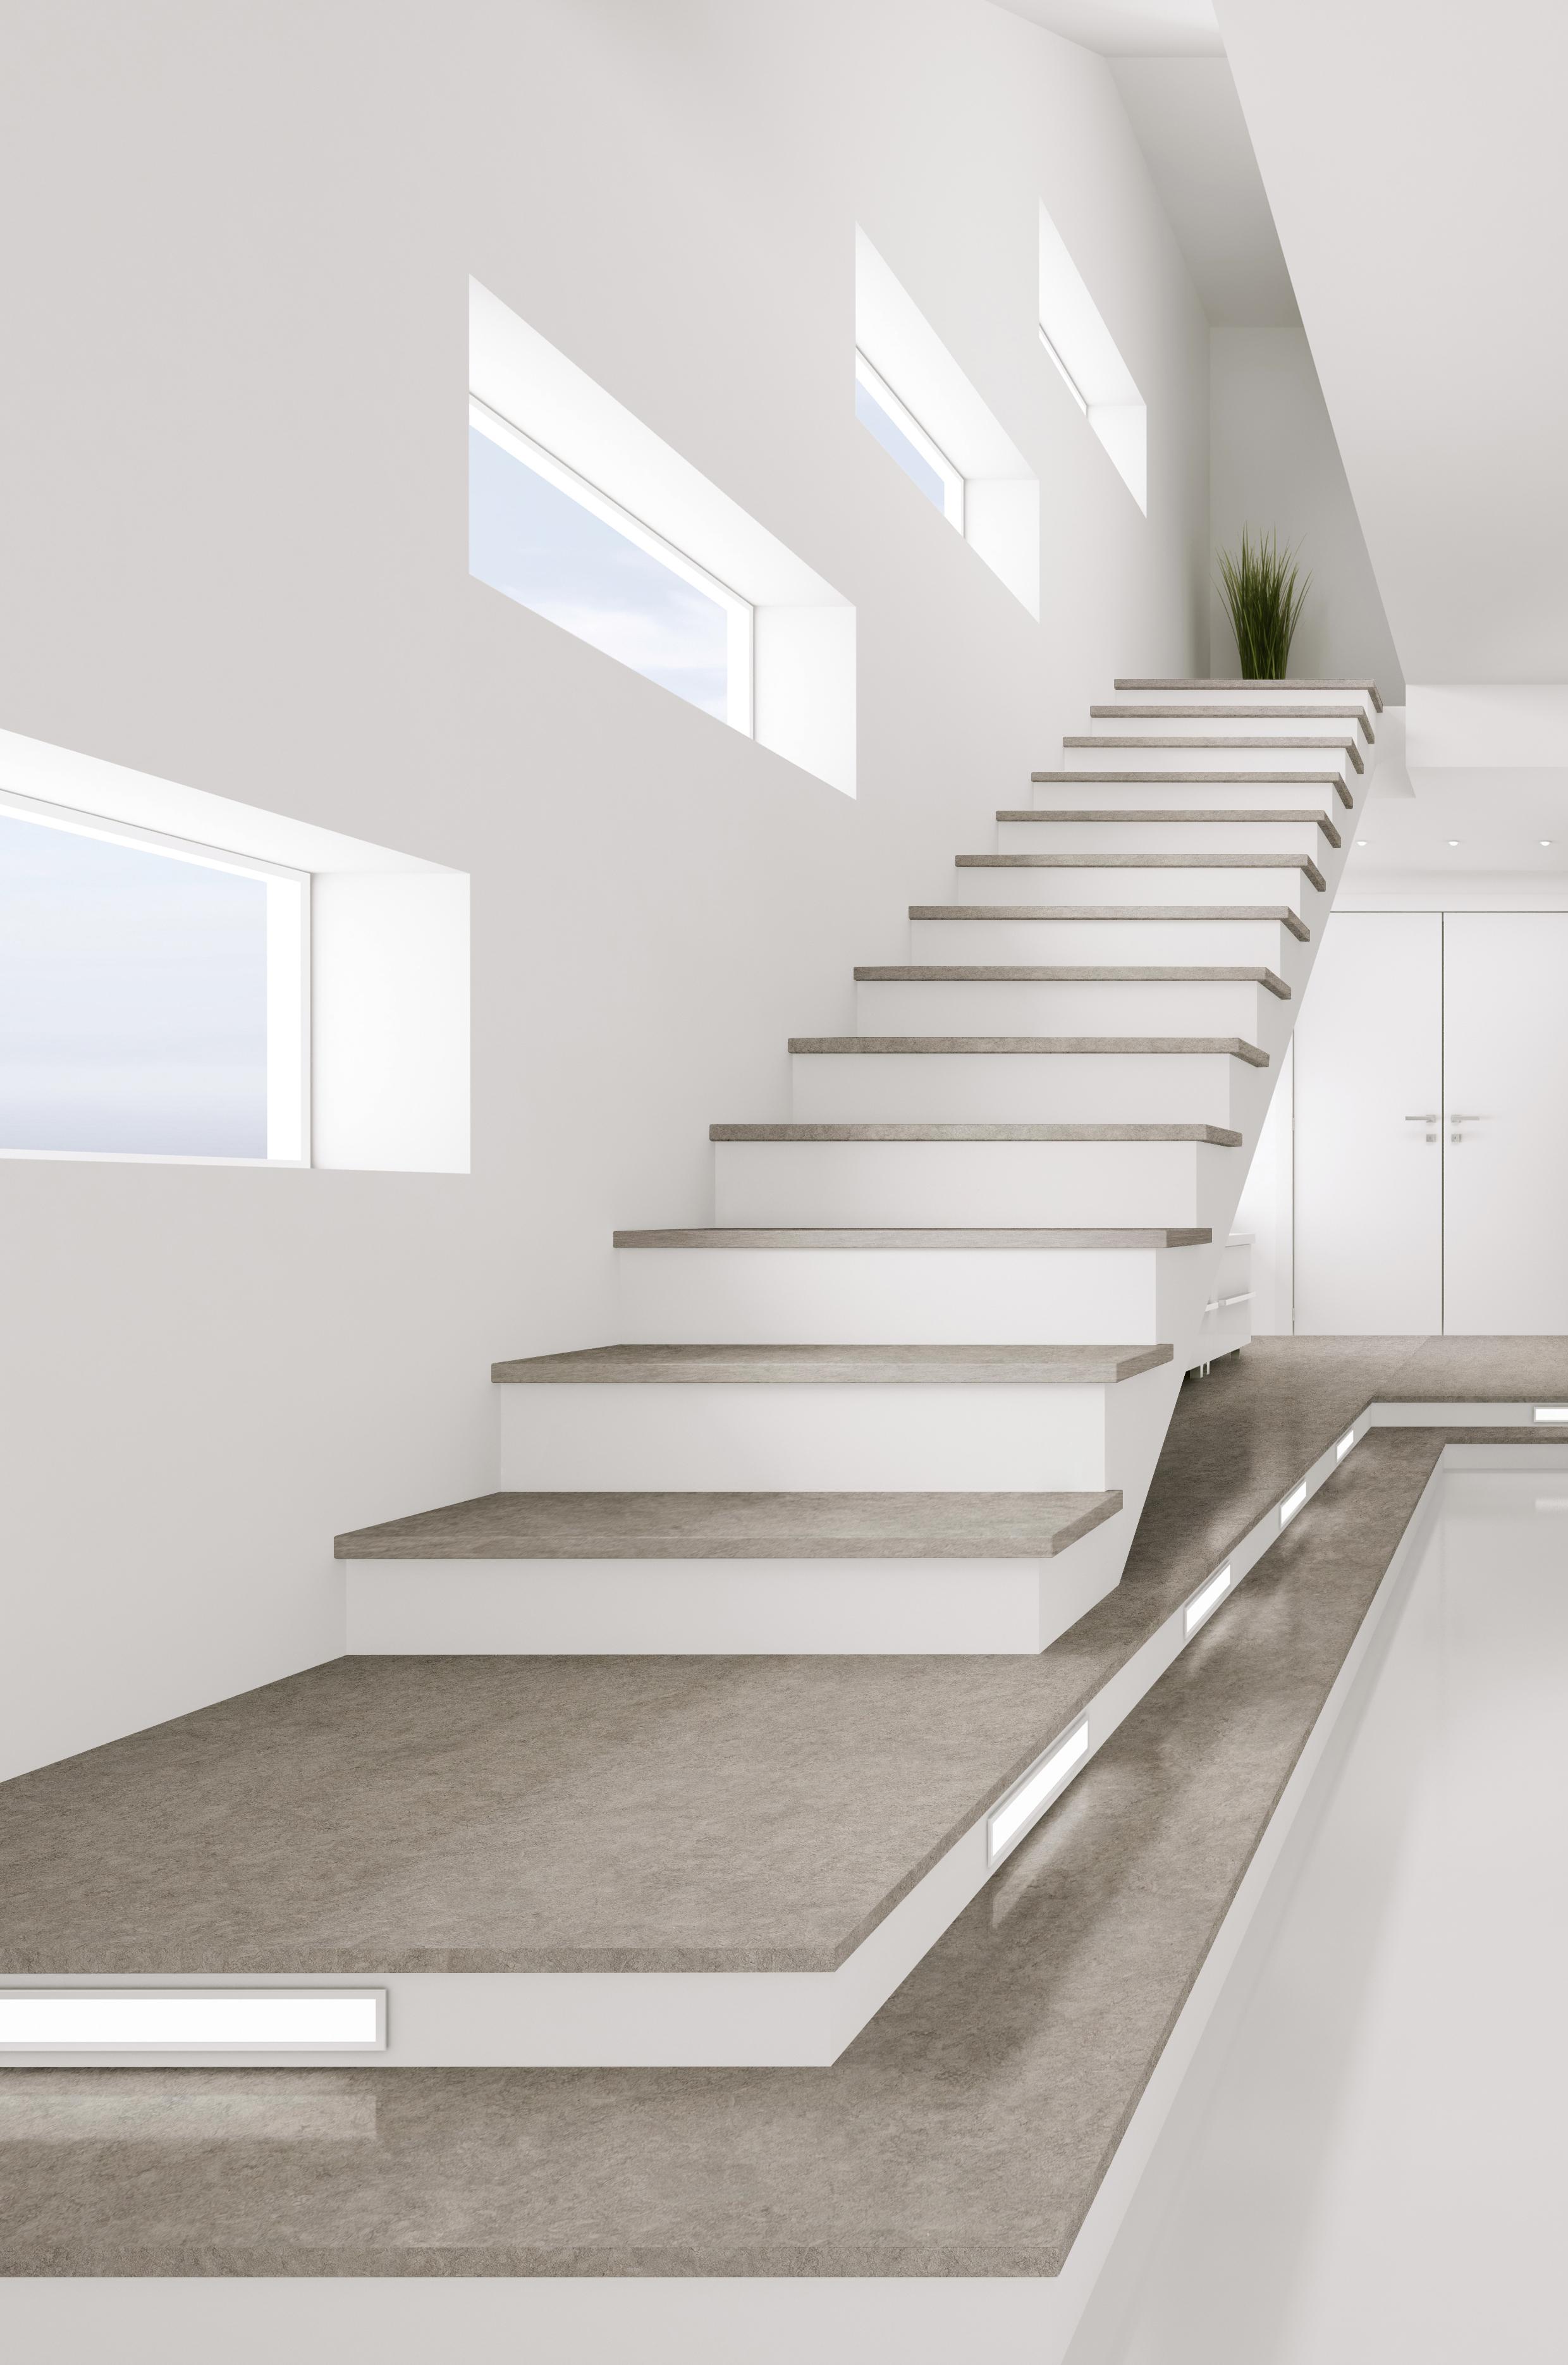 Cosentino brasil dekton by cosentino apresenta cinco novas cores - Escalier milieu de piece ...